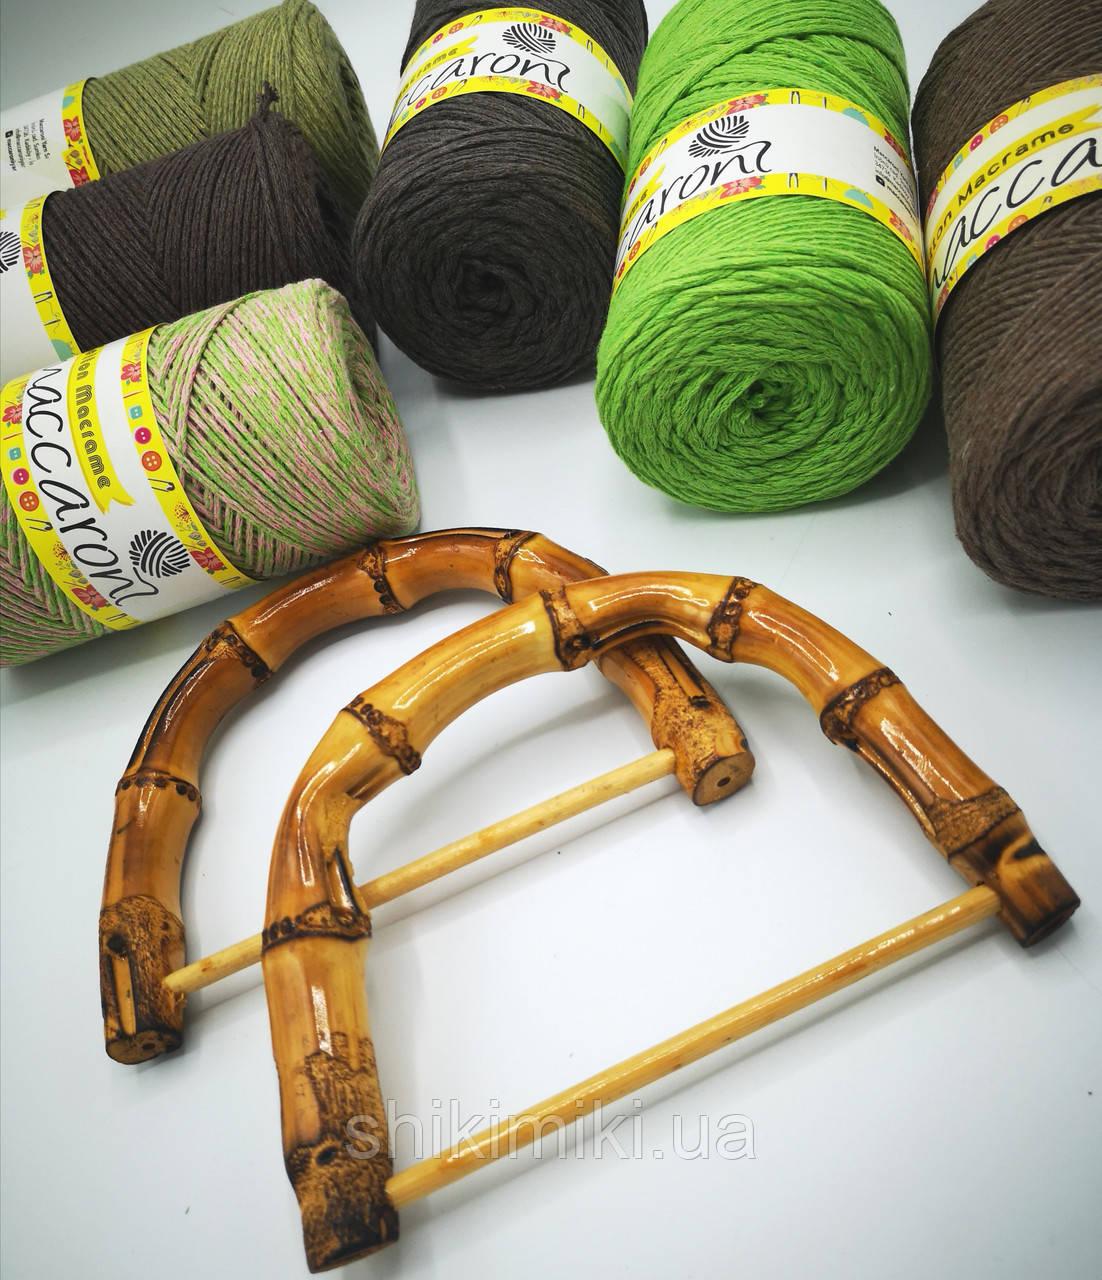 Ручки для сумок полукруглые бамбуковые темные